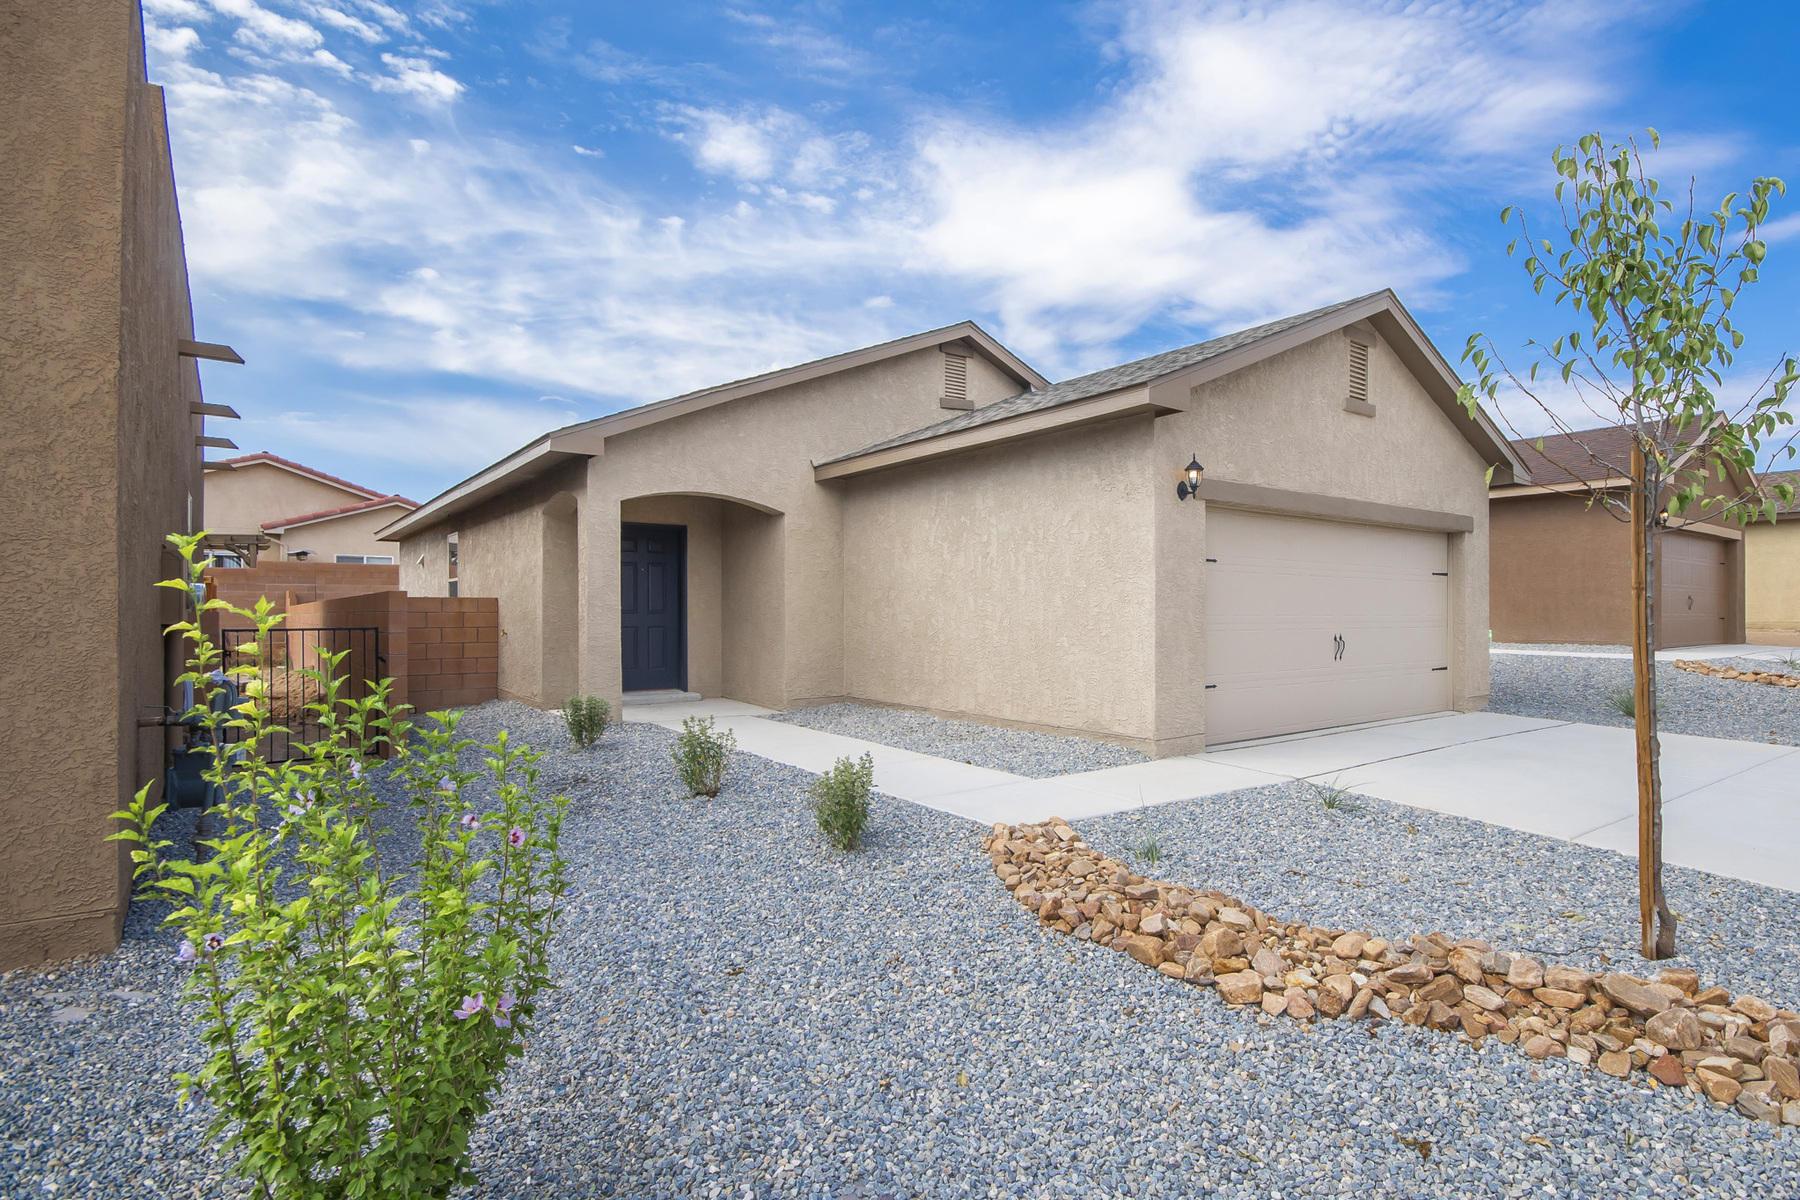 9812 Sacate Blanco Avenue SW Property Photo - Albuquerque, NM real estate listing